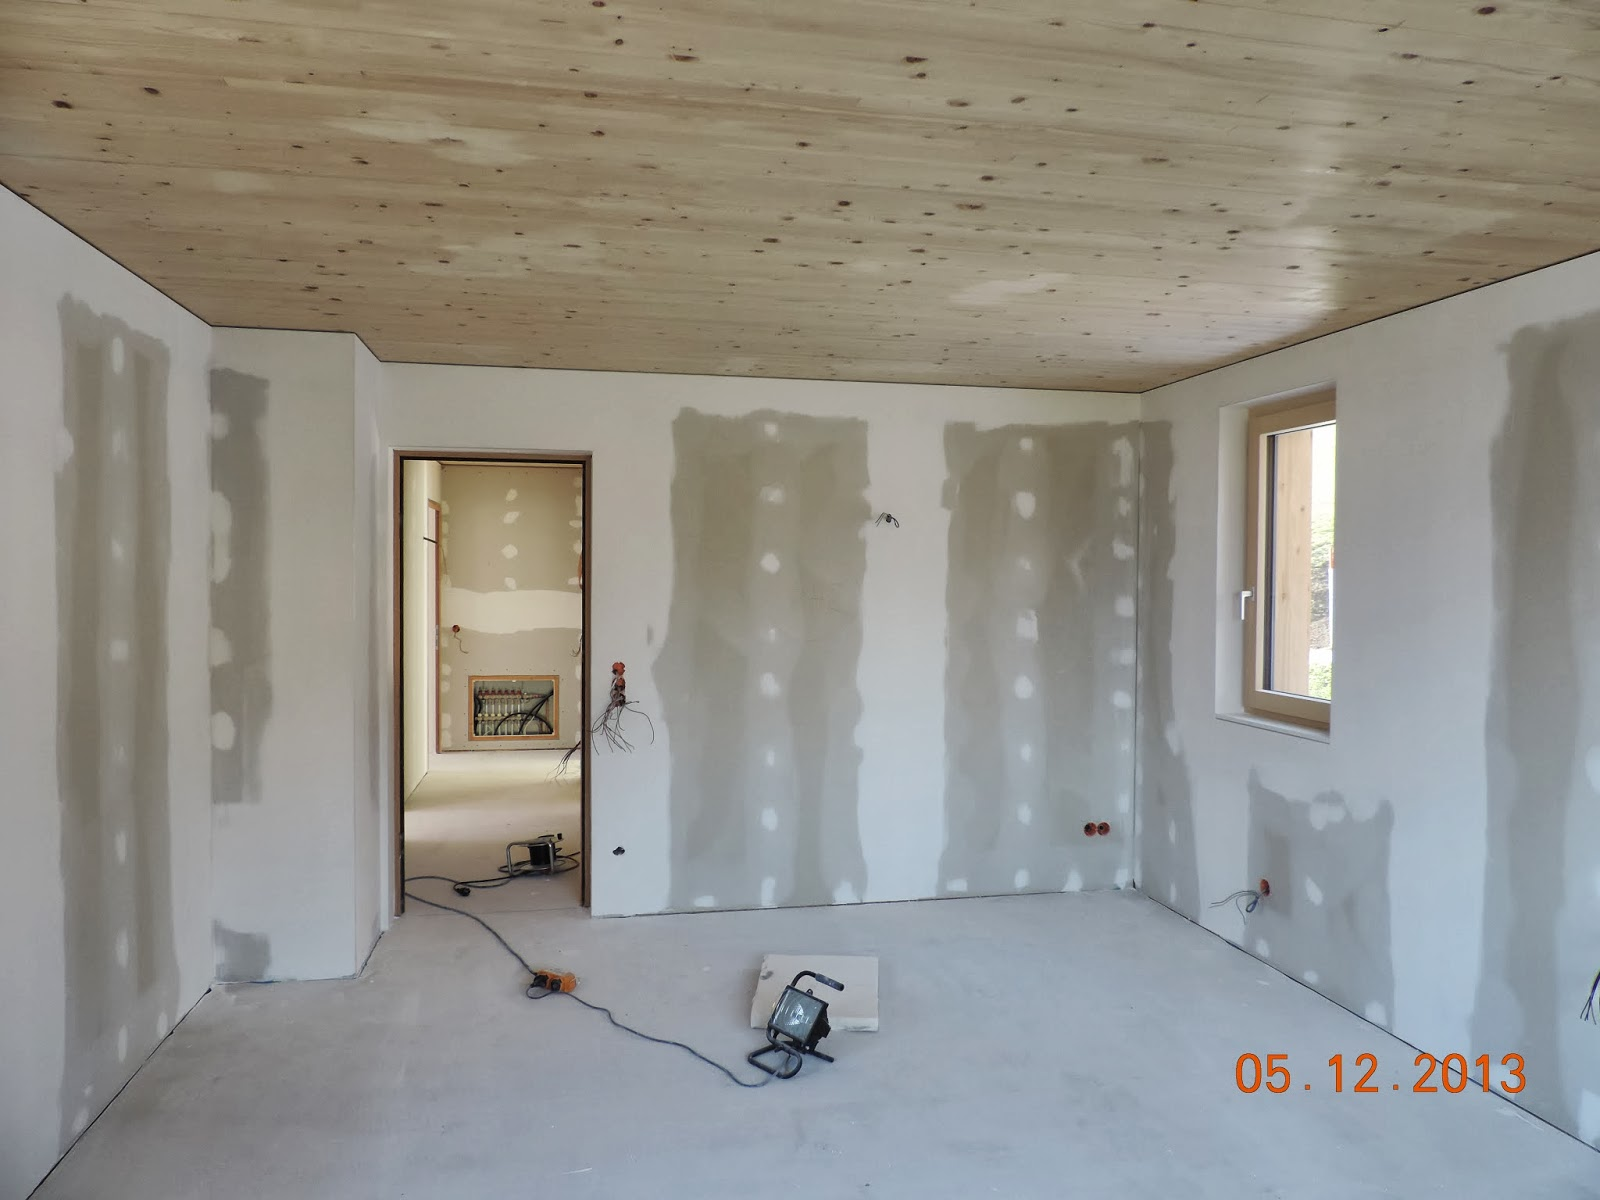 hausbau tagebuch von kathrin und kraxi fliesen spachteln und malen. Black Bedroom Furniture Sets. Home Design Ideas